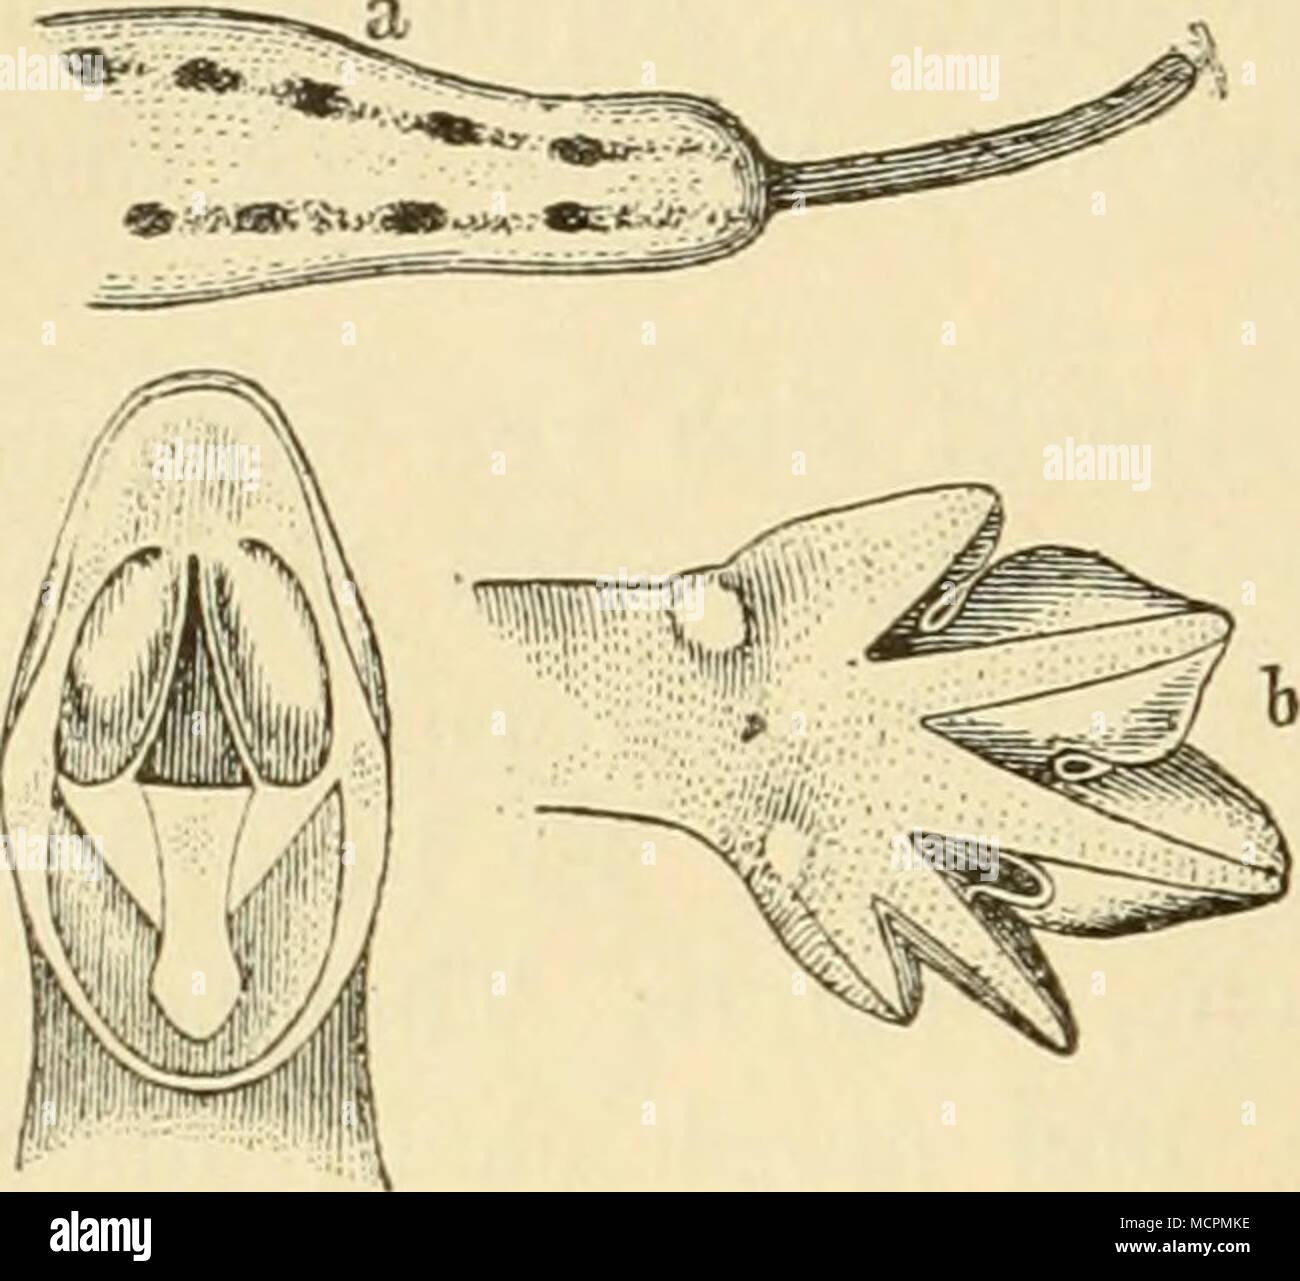 . Leisten molch (Triton helveticus, Razoum.J. IN a c h Schreiber.) Gaumenzähne, Schwanzspitze (a) und Hinter- fuss (b) des Männchens zur Paarungszeit. stehen in zwei nach hinten zu stark auseinandergehenden Längs- reihen (Abb. 46). Jederseits des Rückens findet sich eine kantig- hervortretende leistenartige Längslinie. Das Schwanzende ist gerundet, abgestutzt, mitunter herzförmig ausgeschnitten, mit einem fadenartigen Anhang (Abb. 46 a) versehen, der bald kürzer, bald länger ist und bald gerade, bald nach oben gekrümmt erscheint; dieser Anhang ist beim Männchen gewöhnlich länger als beim Weib- - Stock Image